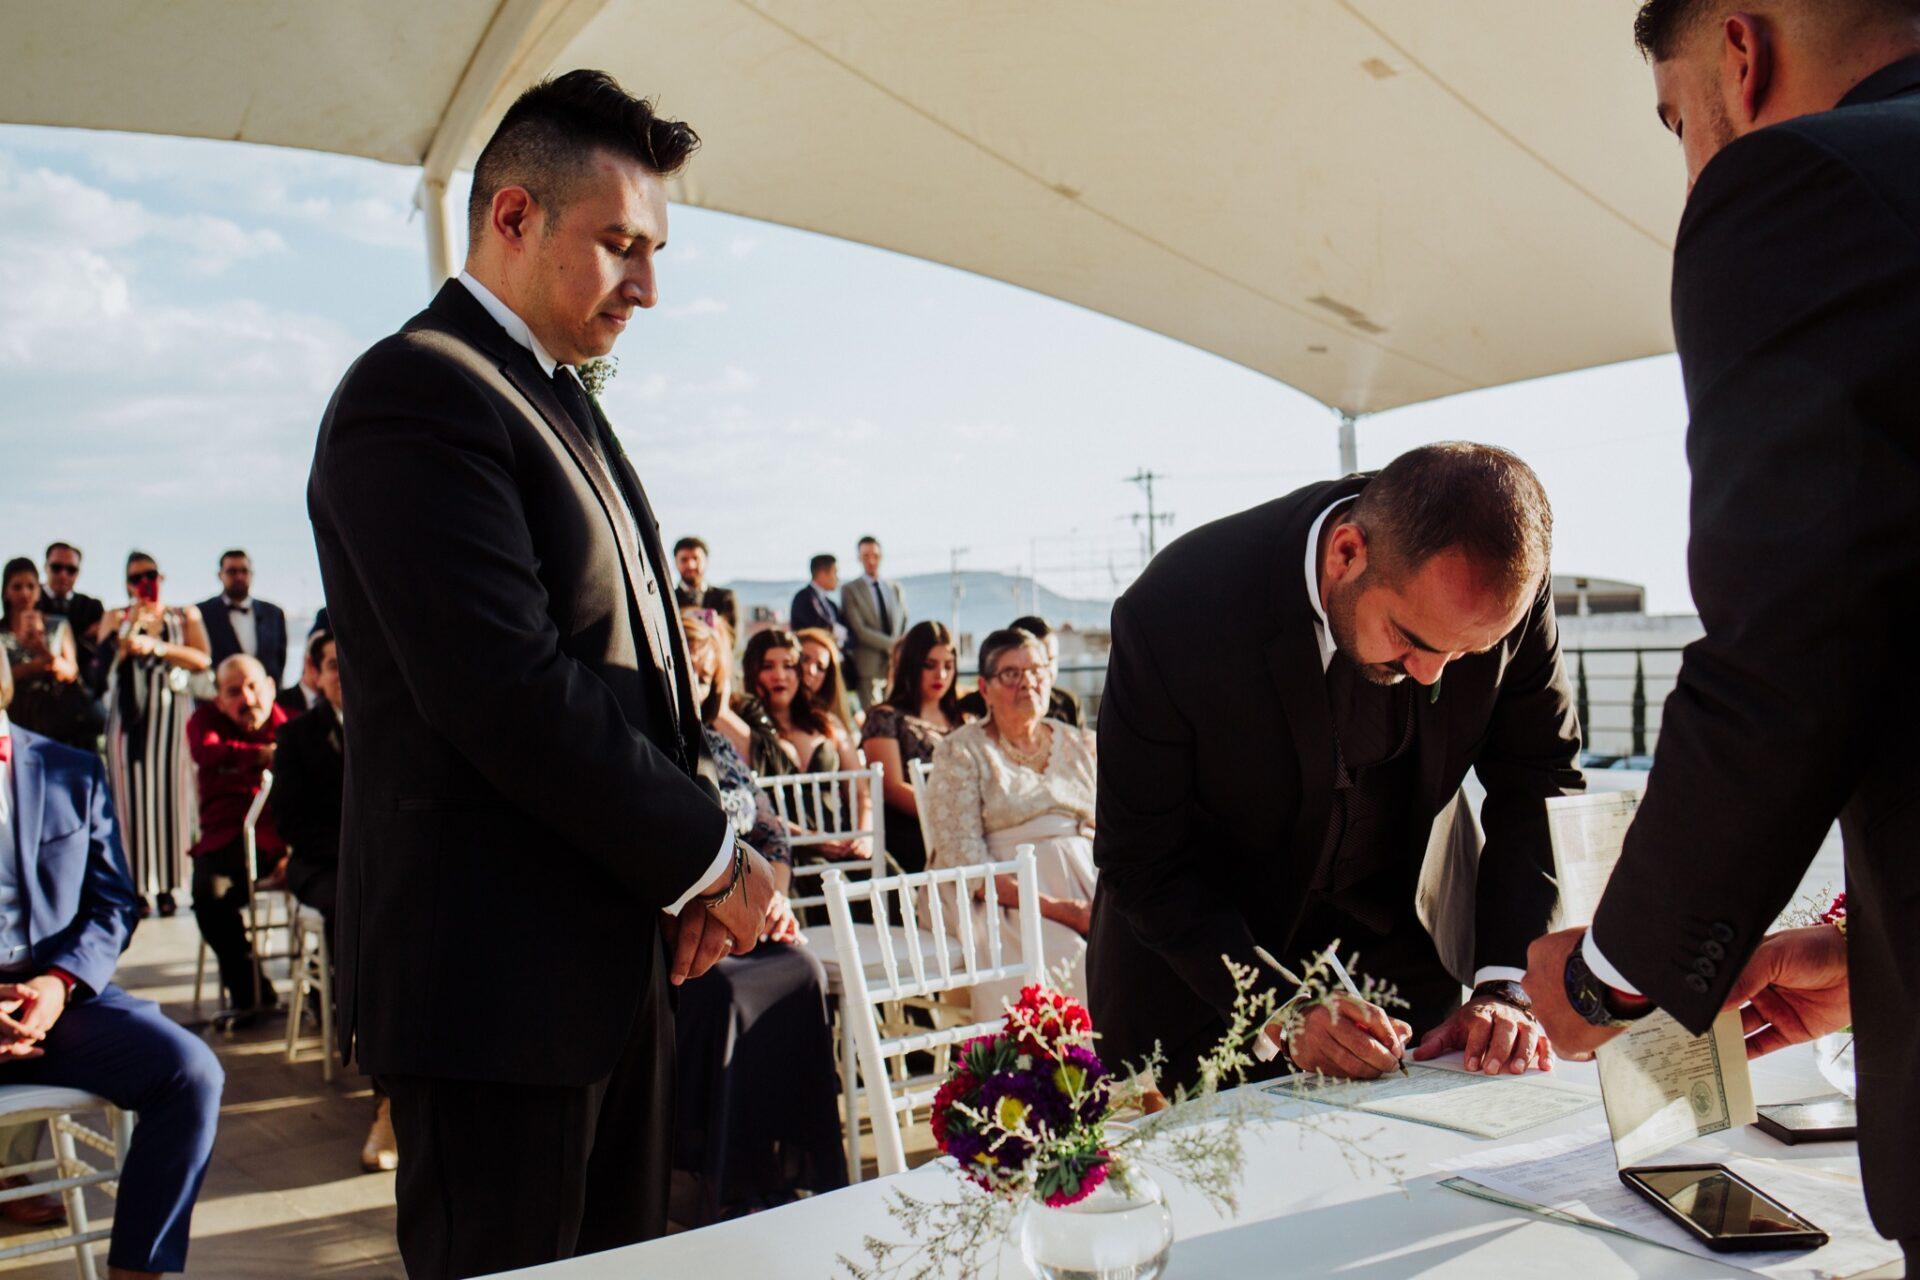 javier_noriega_fotografo_bodas_alicia_garden_zacatecas_wedding_photographer13